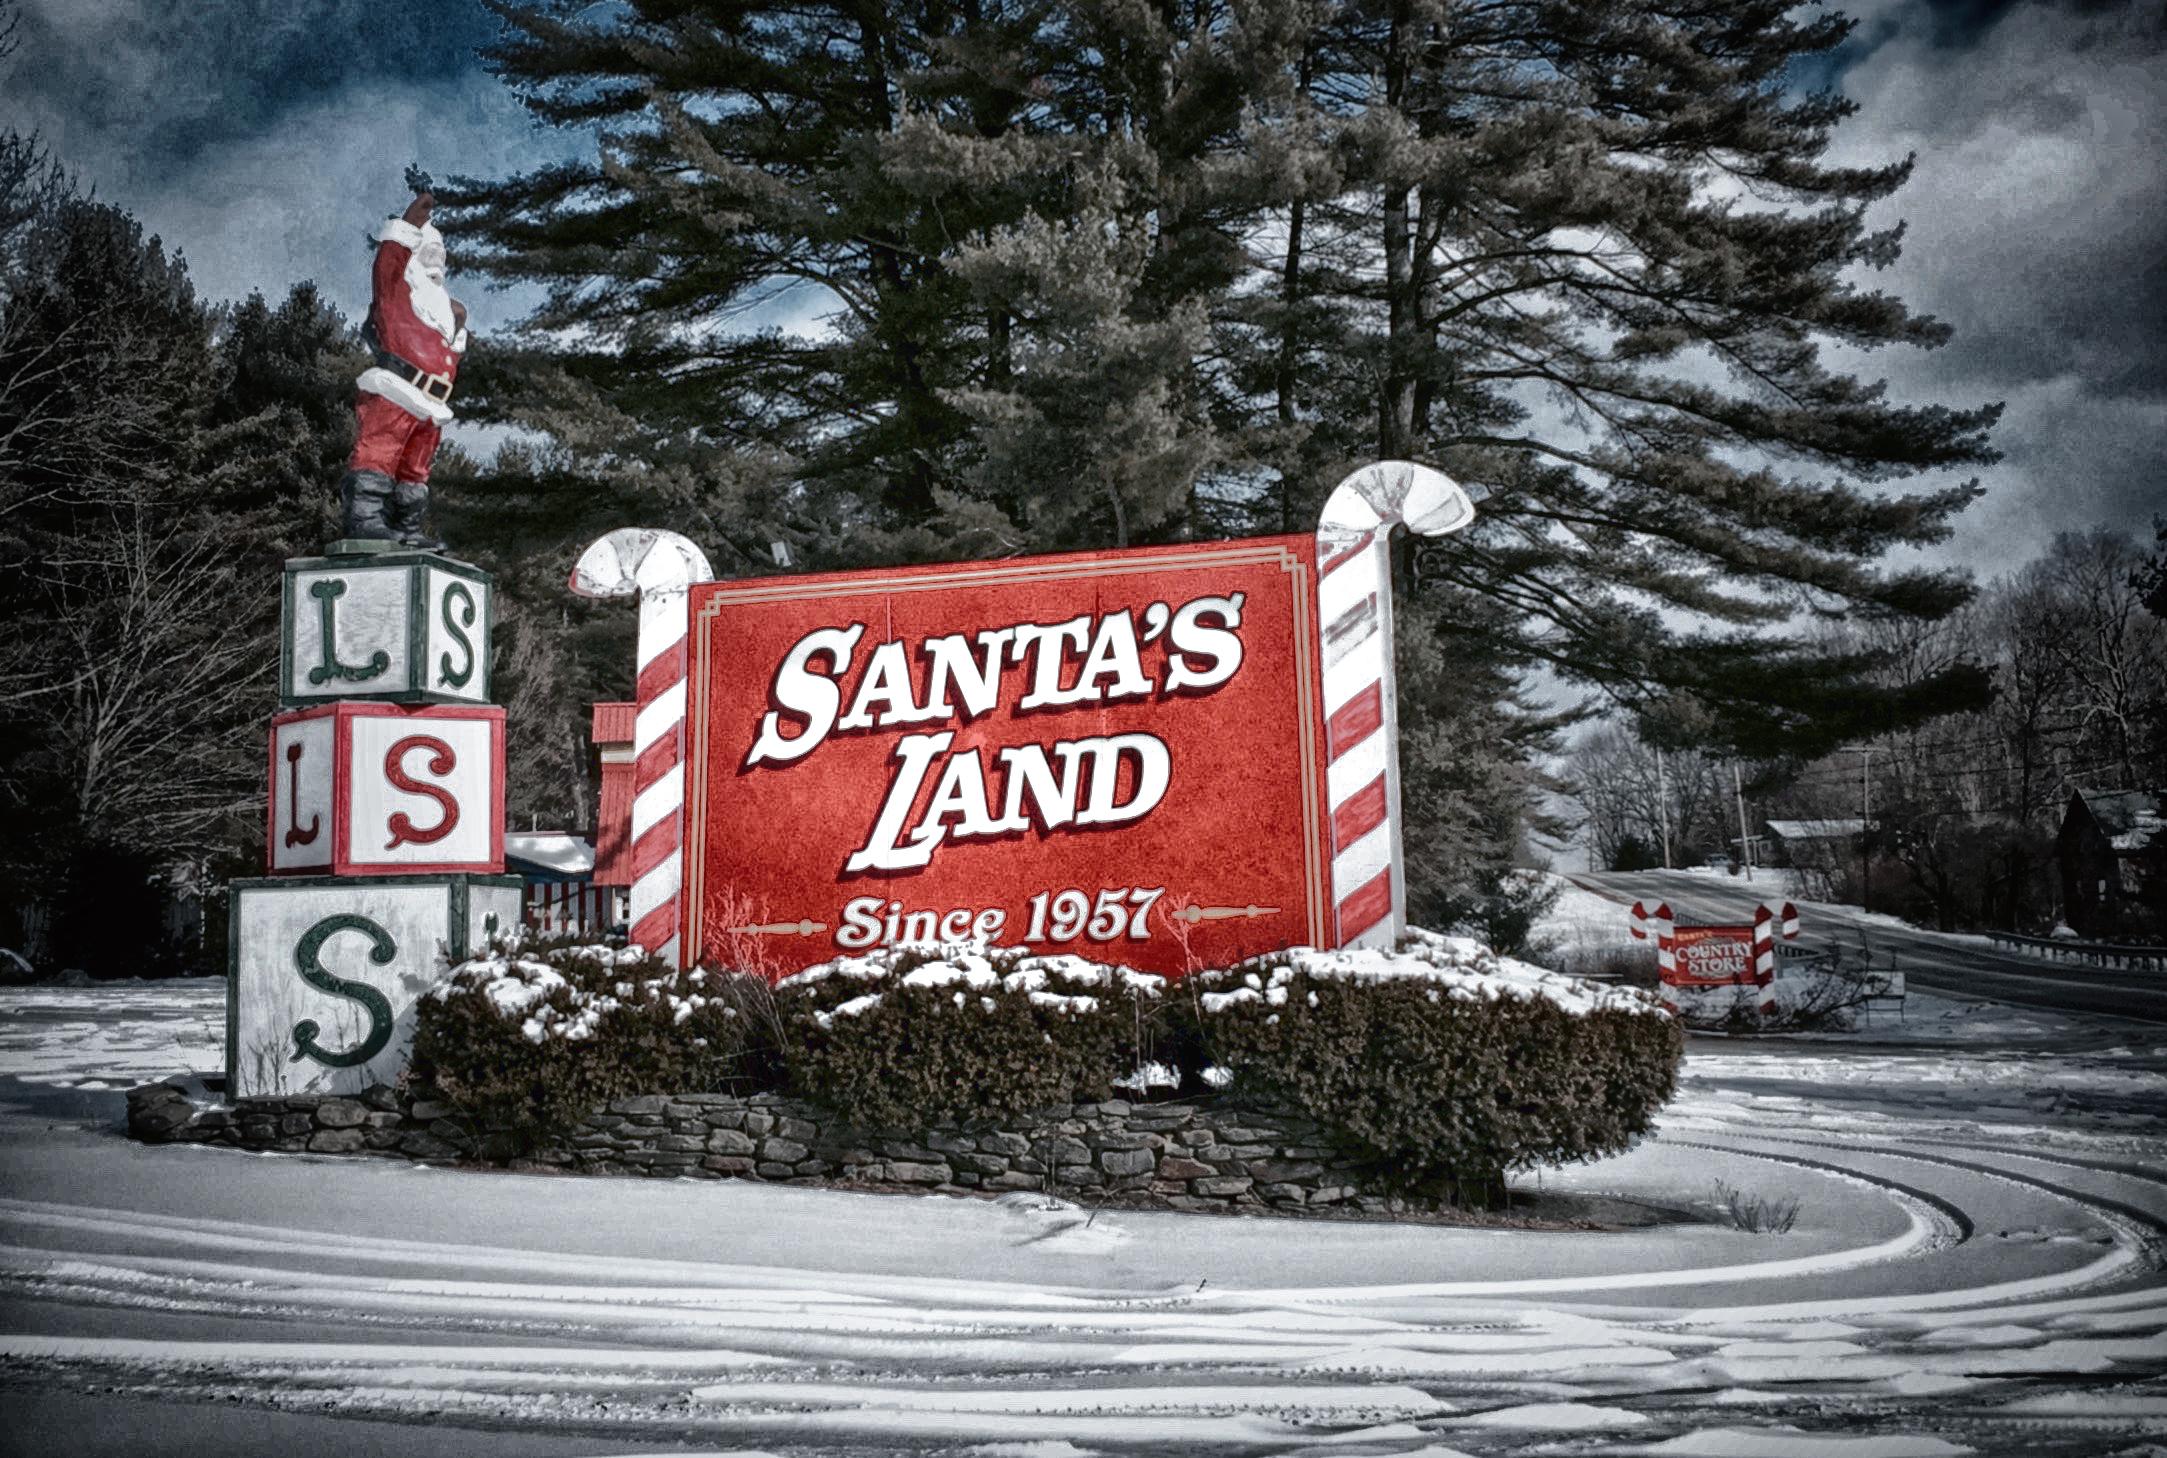 Santa's LandIMG_1234_HDR.jpg